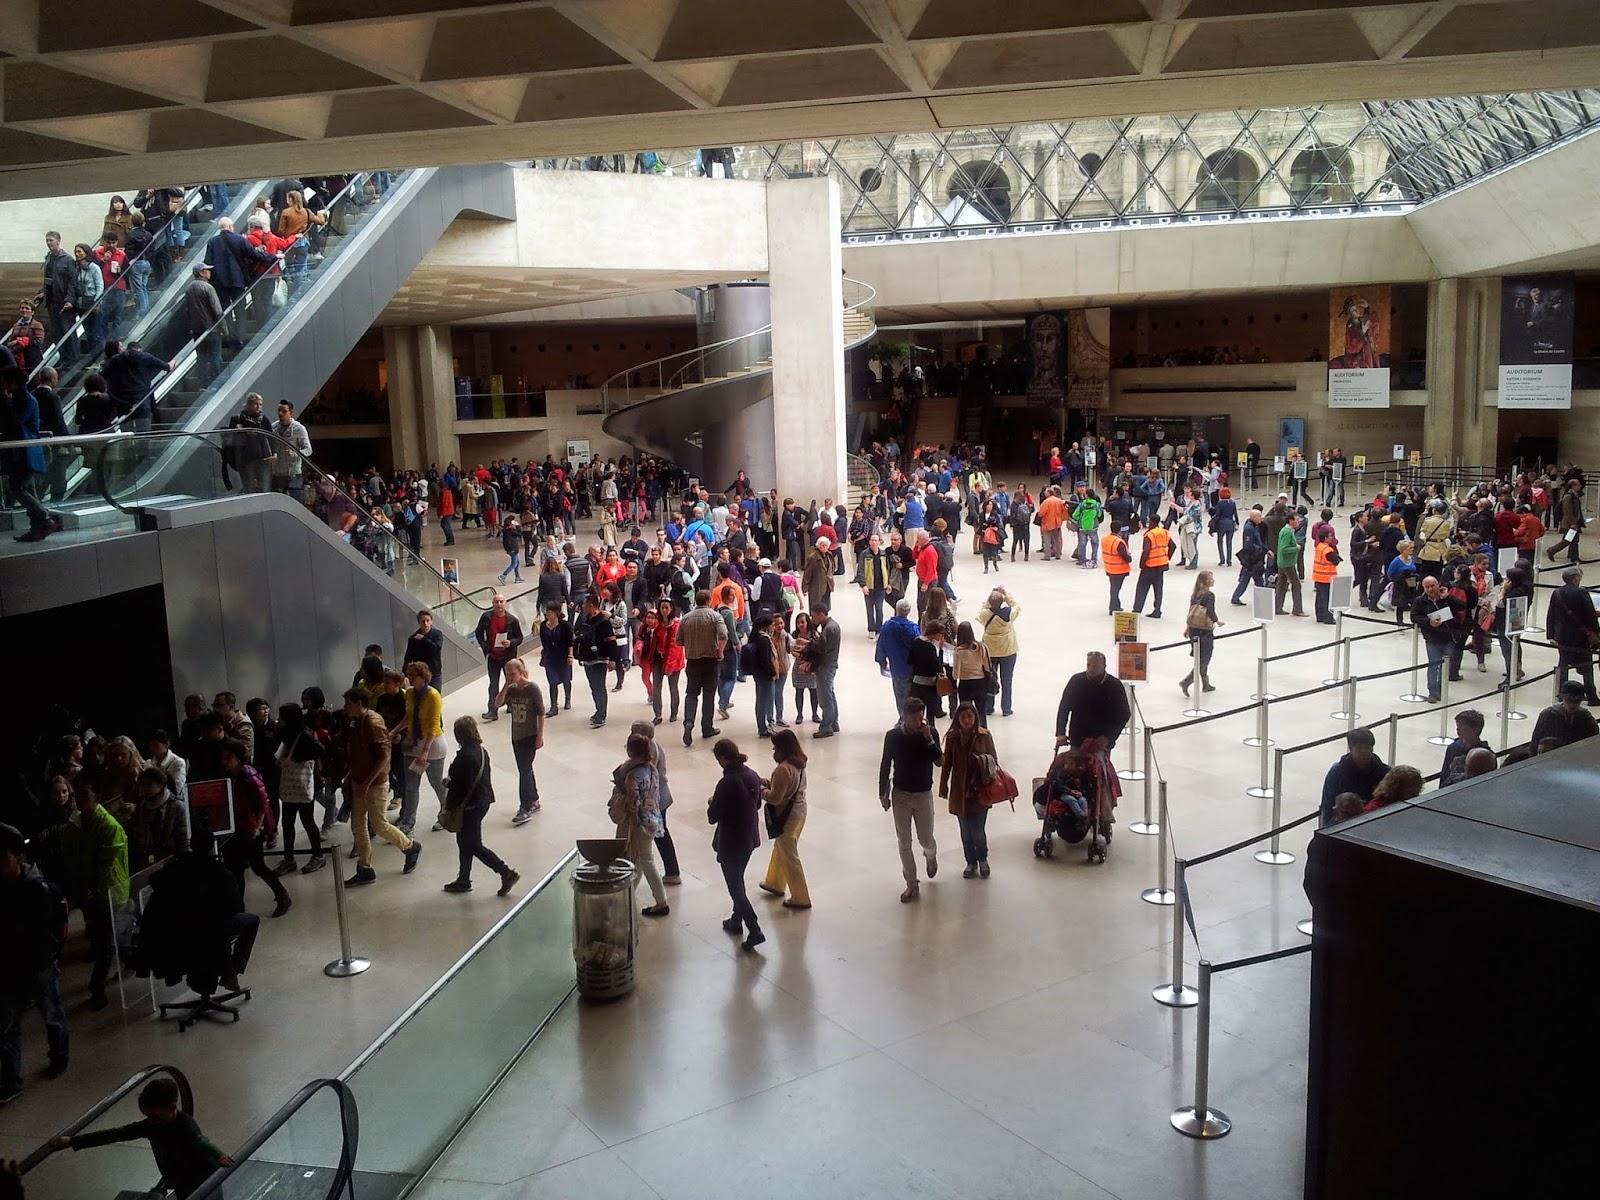 Crowds at the Louvre, Paris